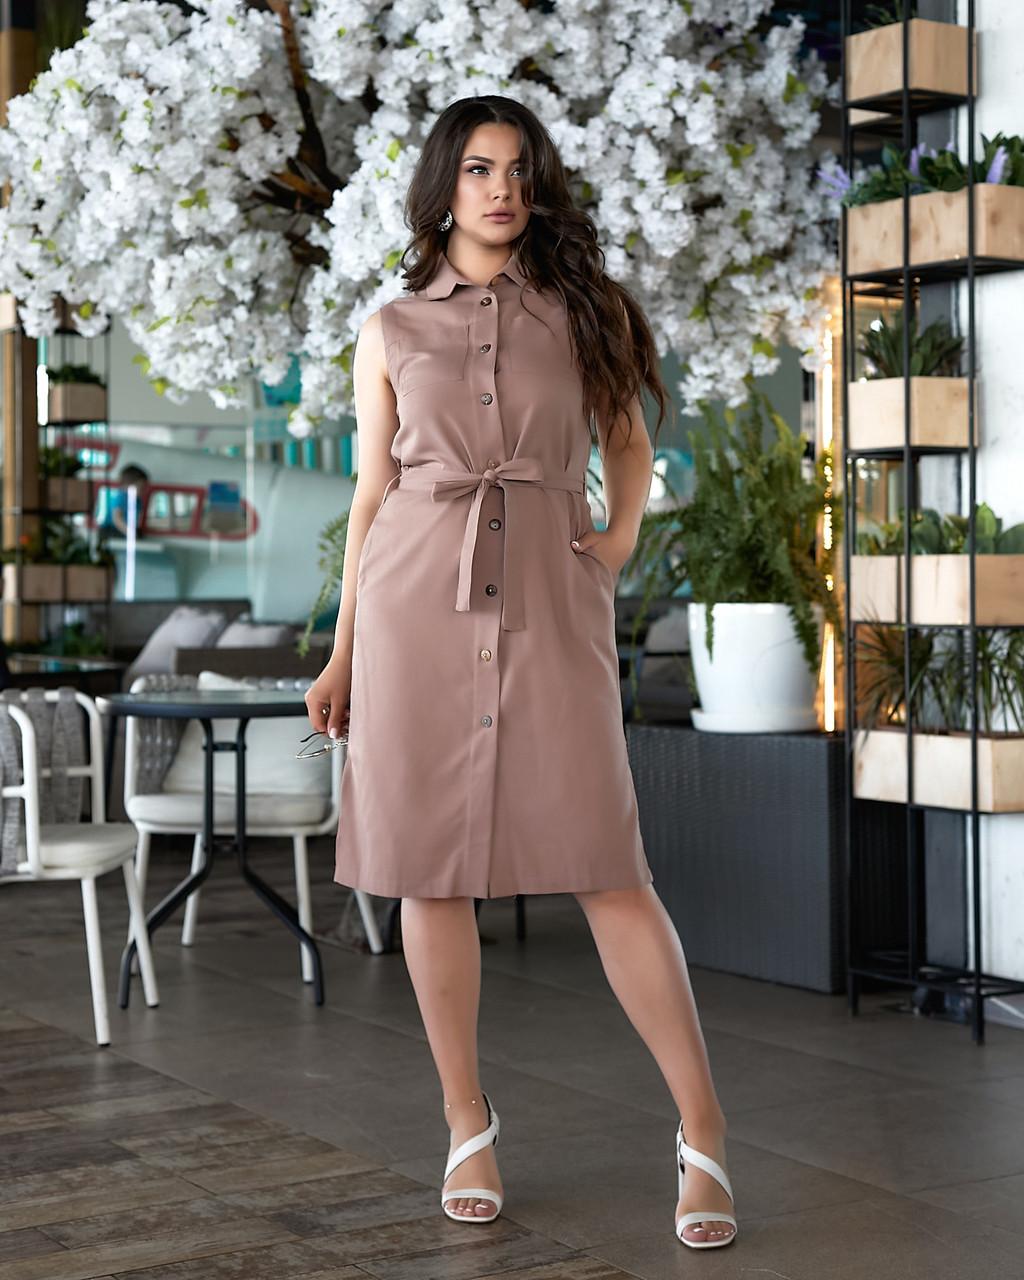 Літнє плаття жіноче Турецький льон Розмір 50 52 54 56 В наявності 4 кольори